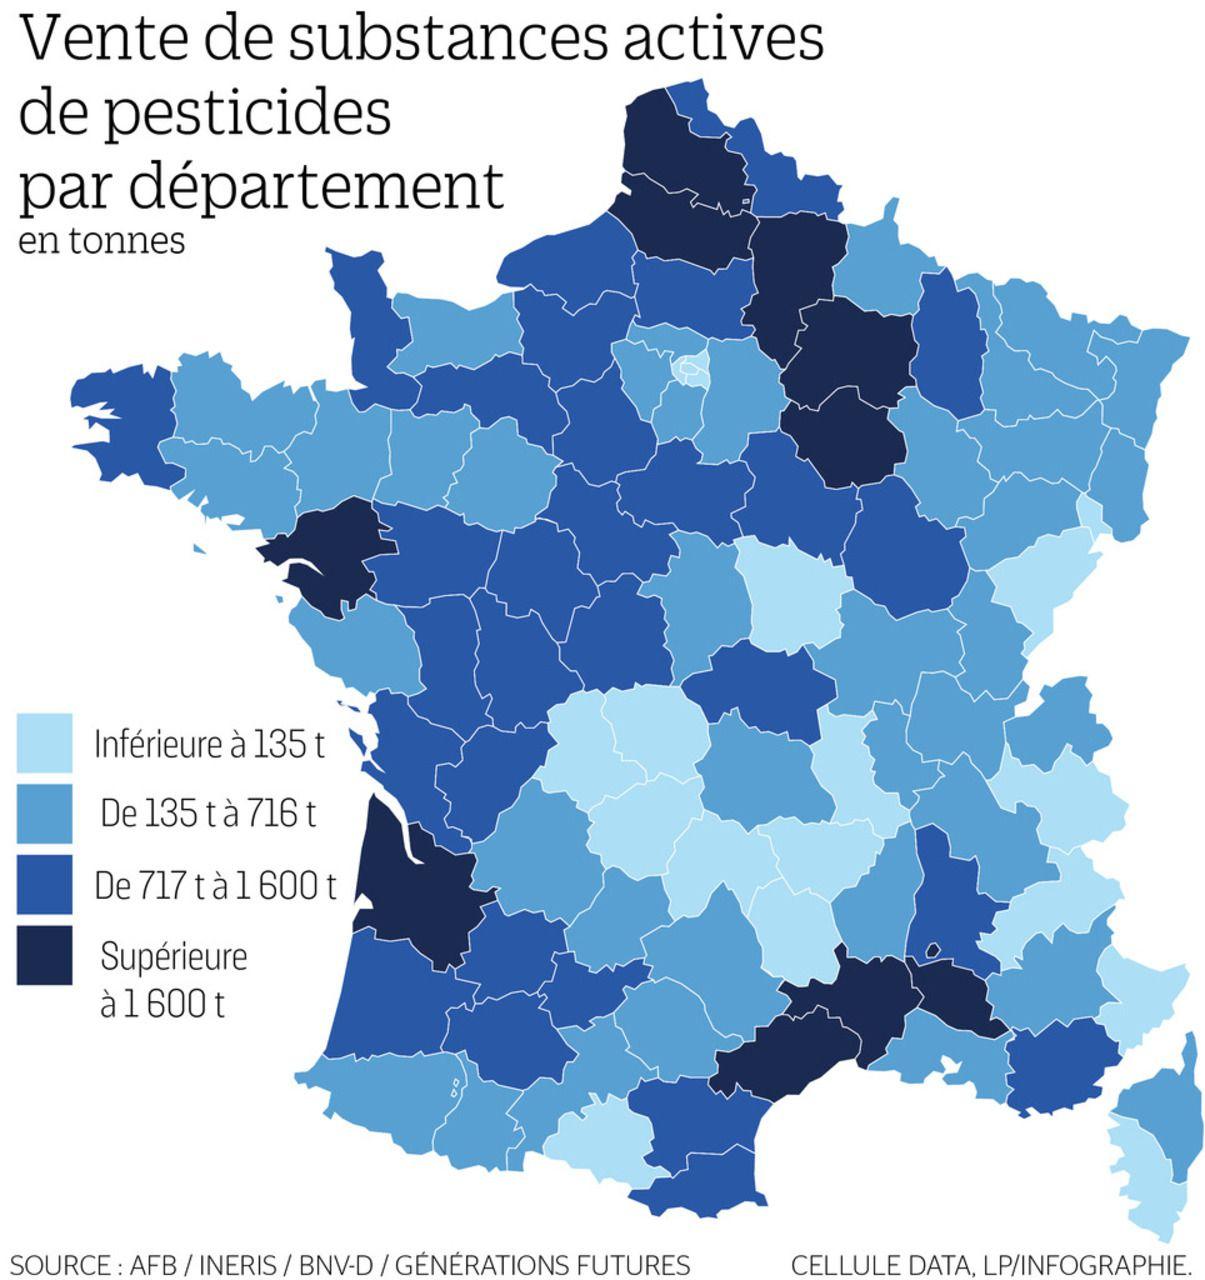 La Carte De France Des Départements Les Plus Consommateurs encequiconcerne Les Nouvelles Régions De France Et Leurs Départements